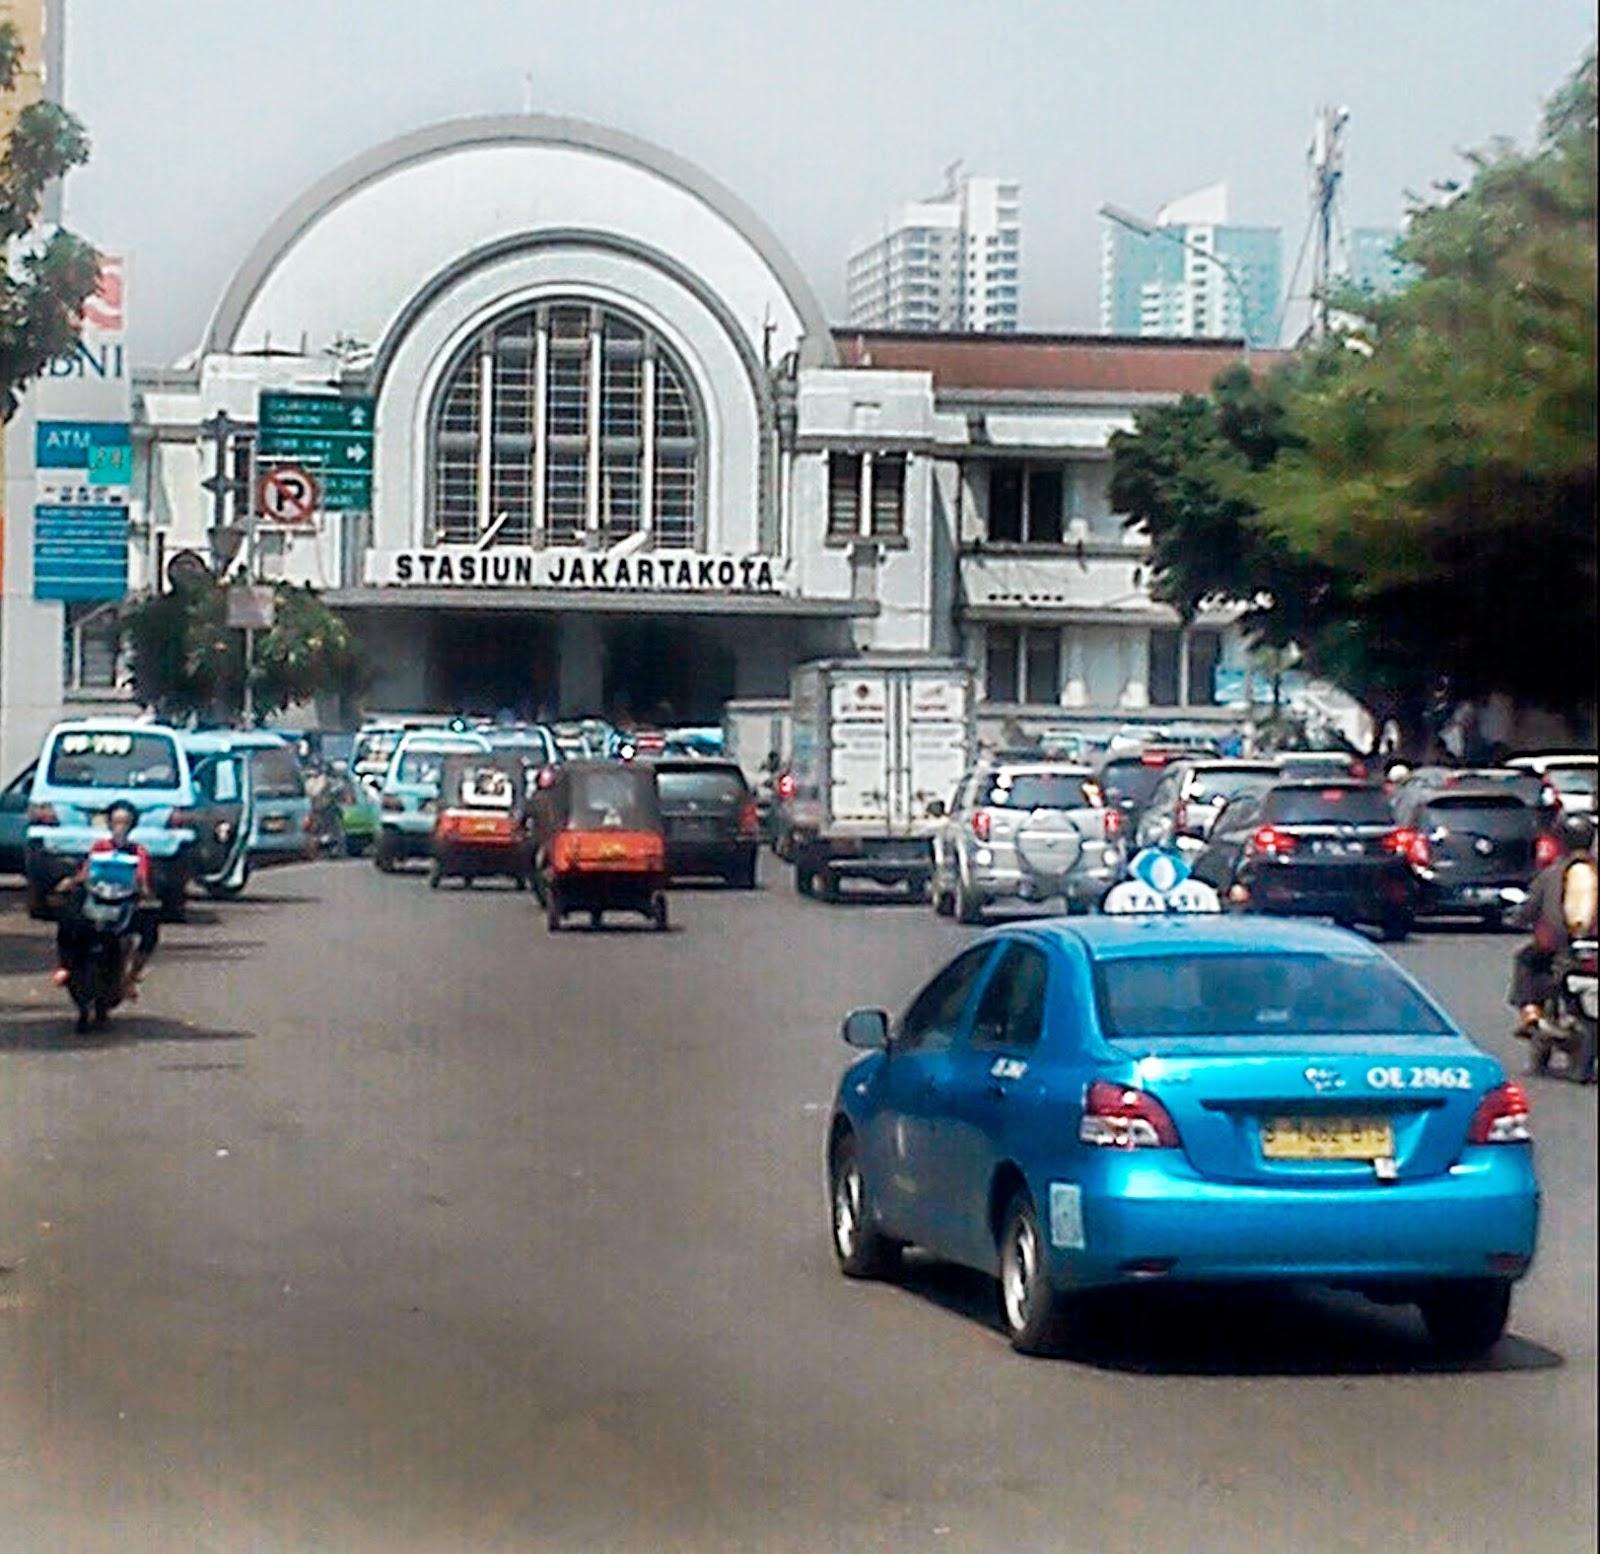 Stasiun Jakartakota